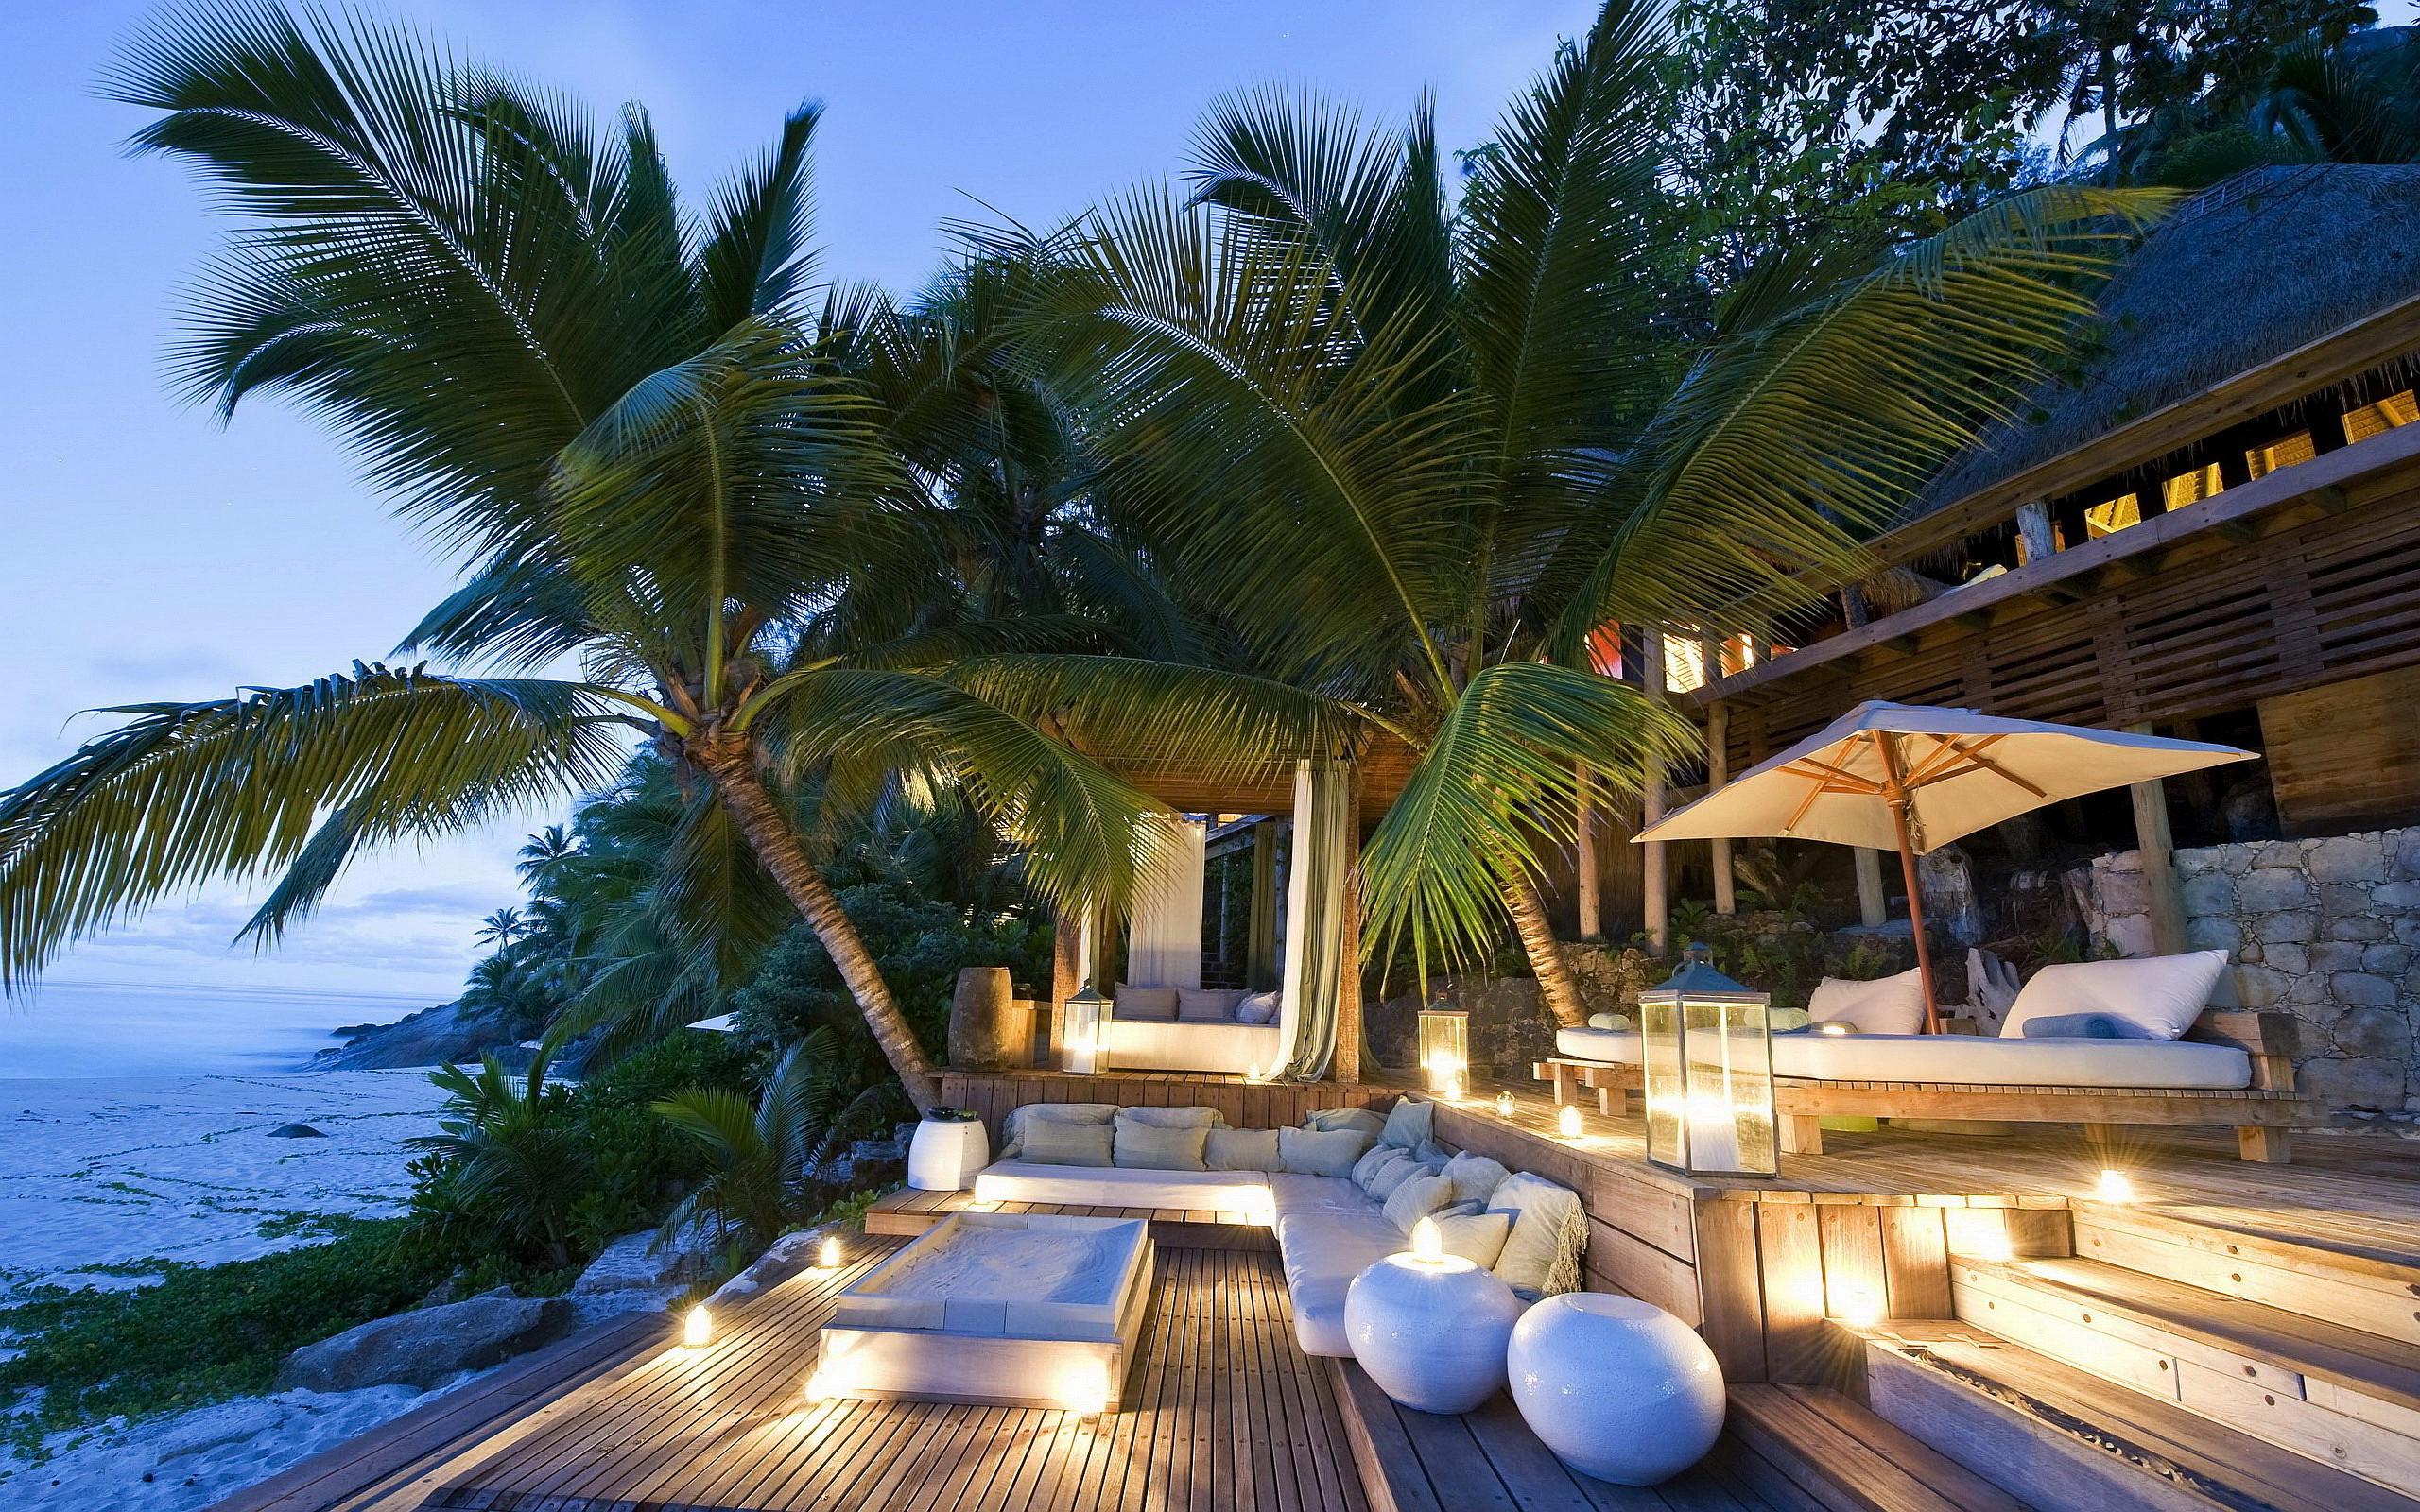 beach resort lovely   HD Desktop Wallpapers 4k HD 2560x1600